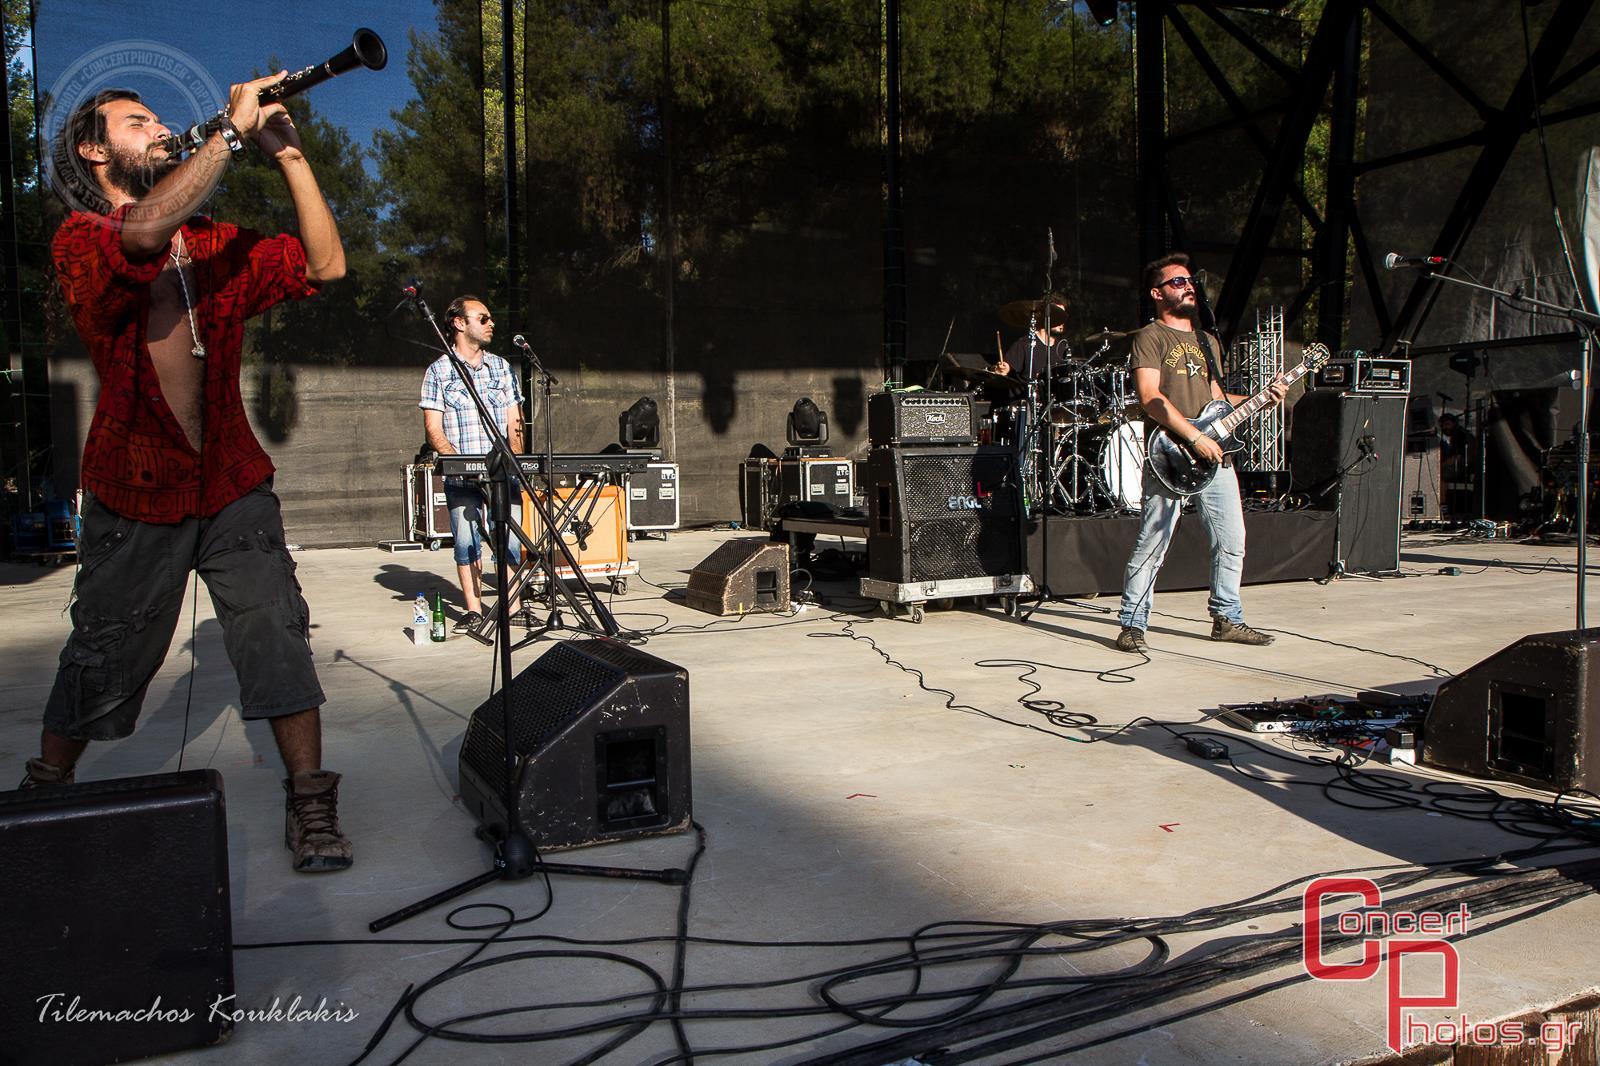 Rockwave 2014-Rockwave 2014 - Day 1 photographer:  - Rockwave-2014-40